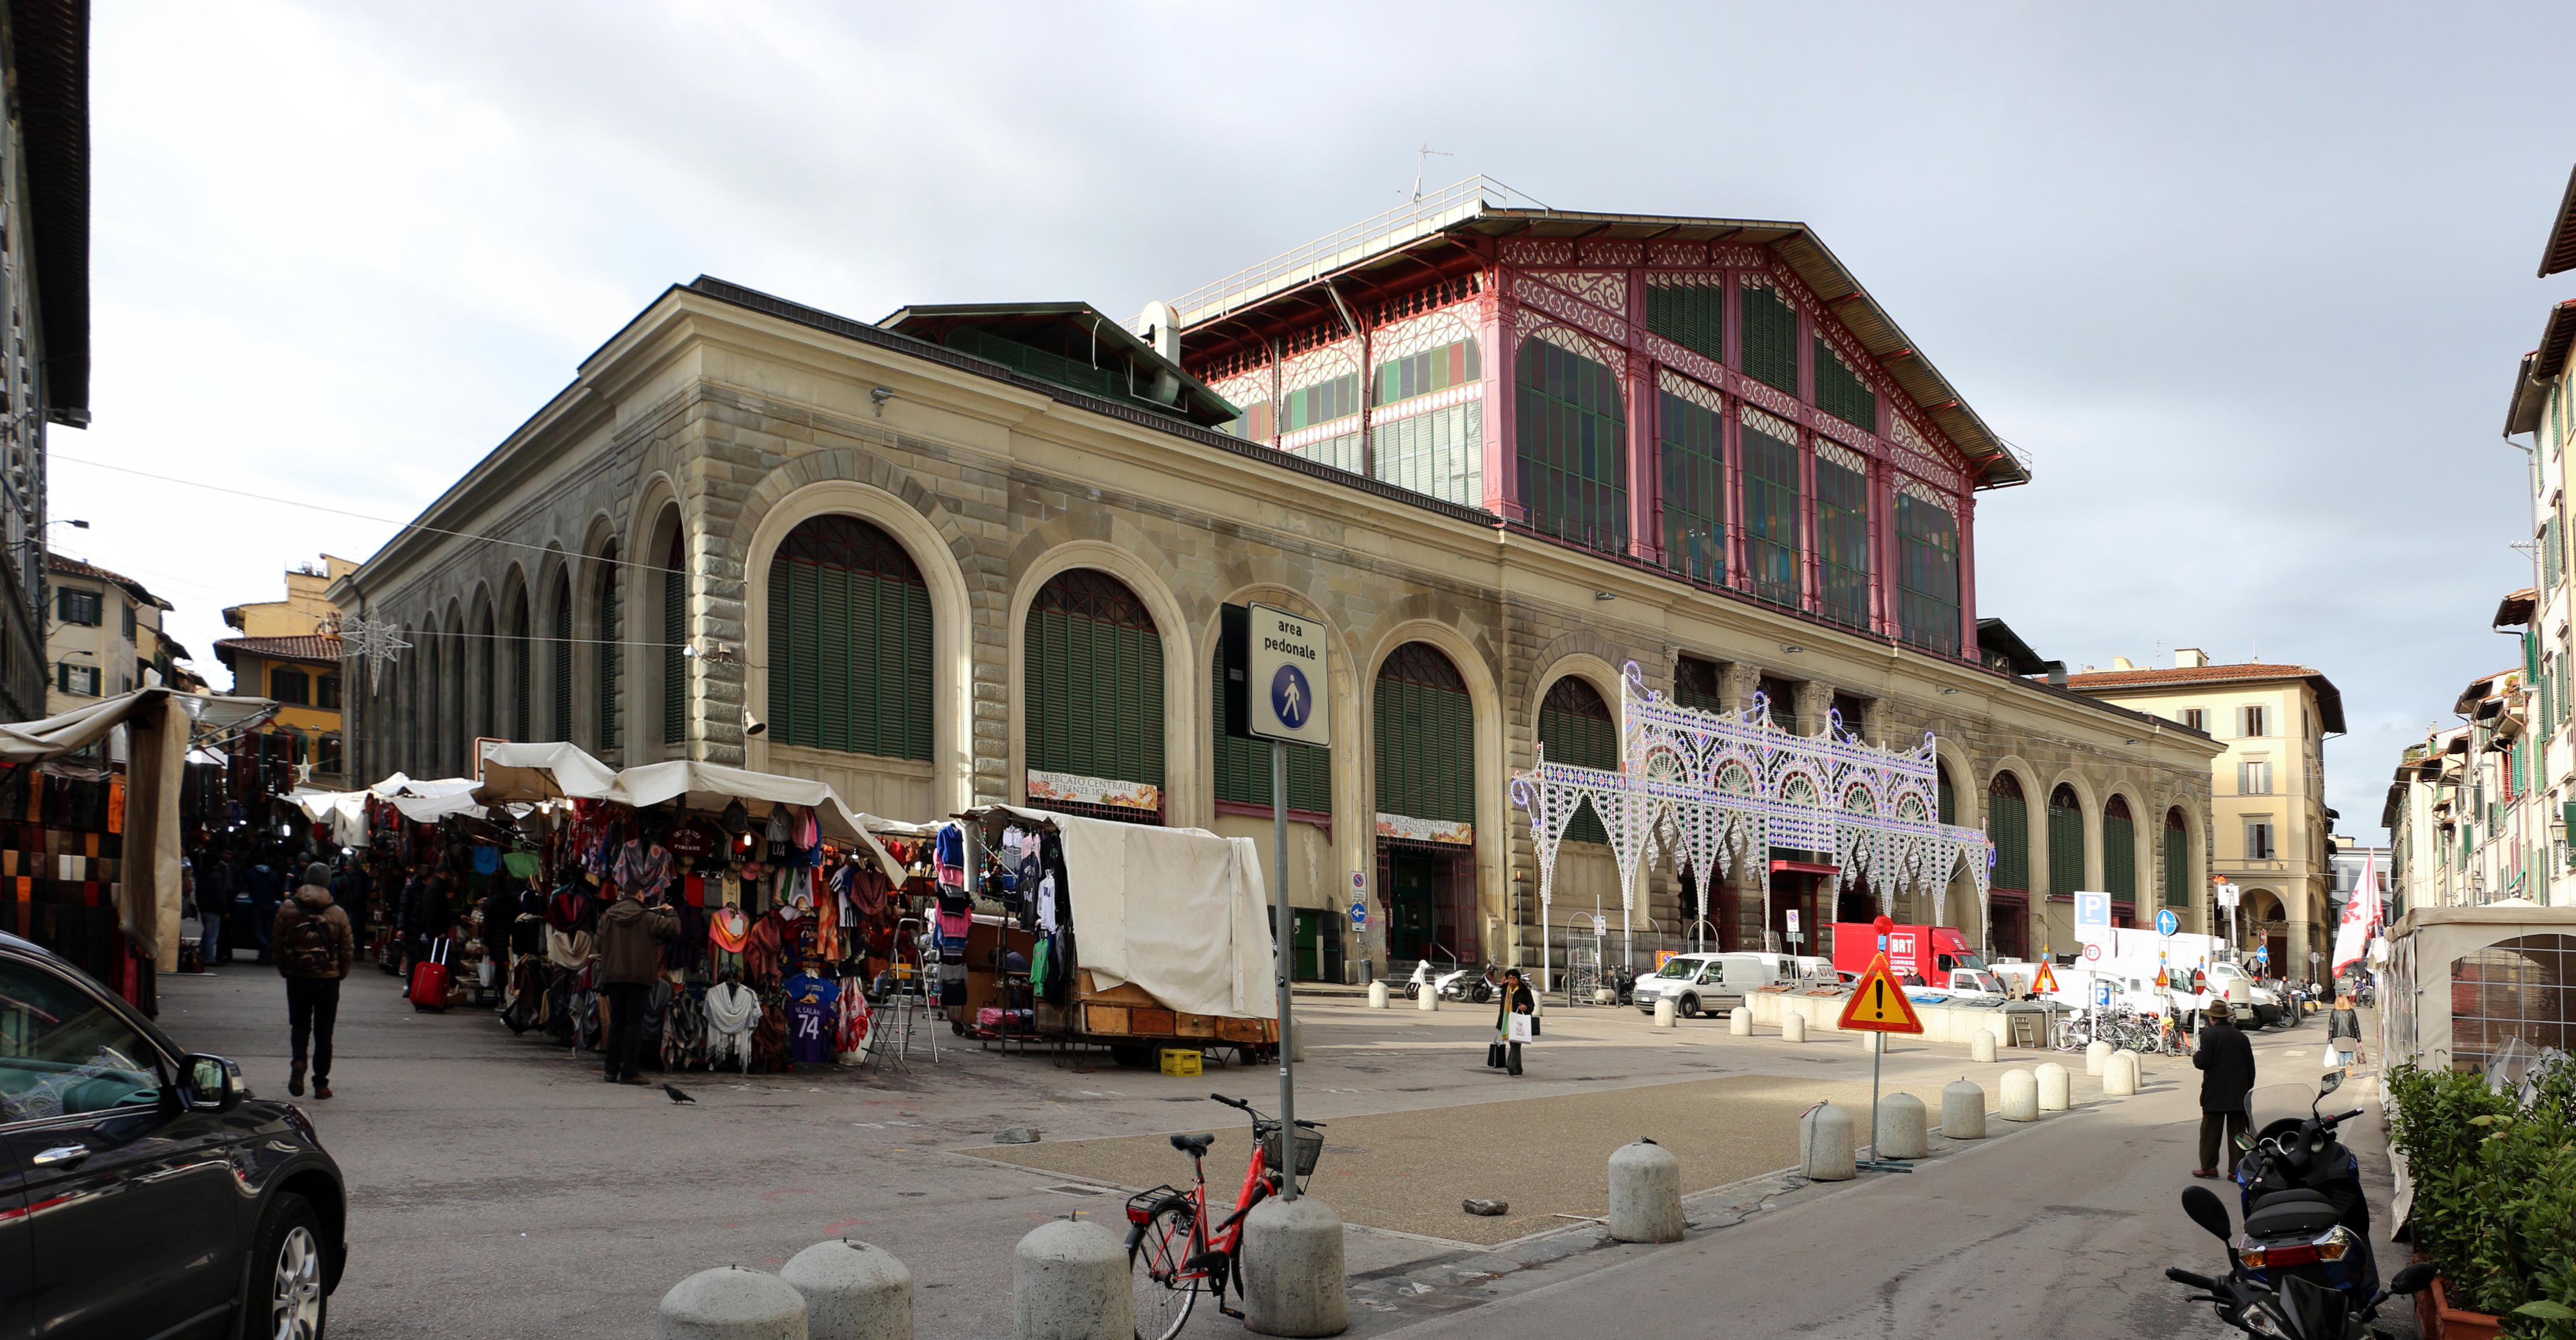 Mercato Centrale (Firenze) - Wikipedia